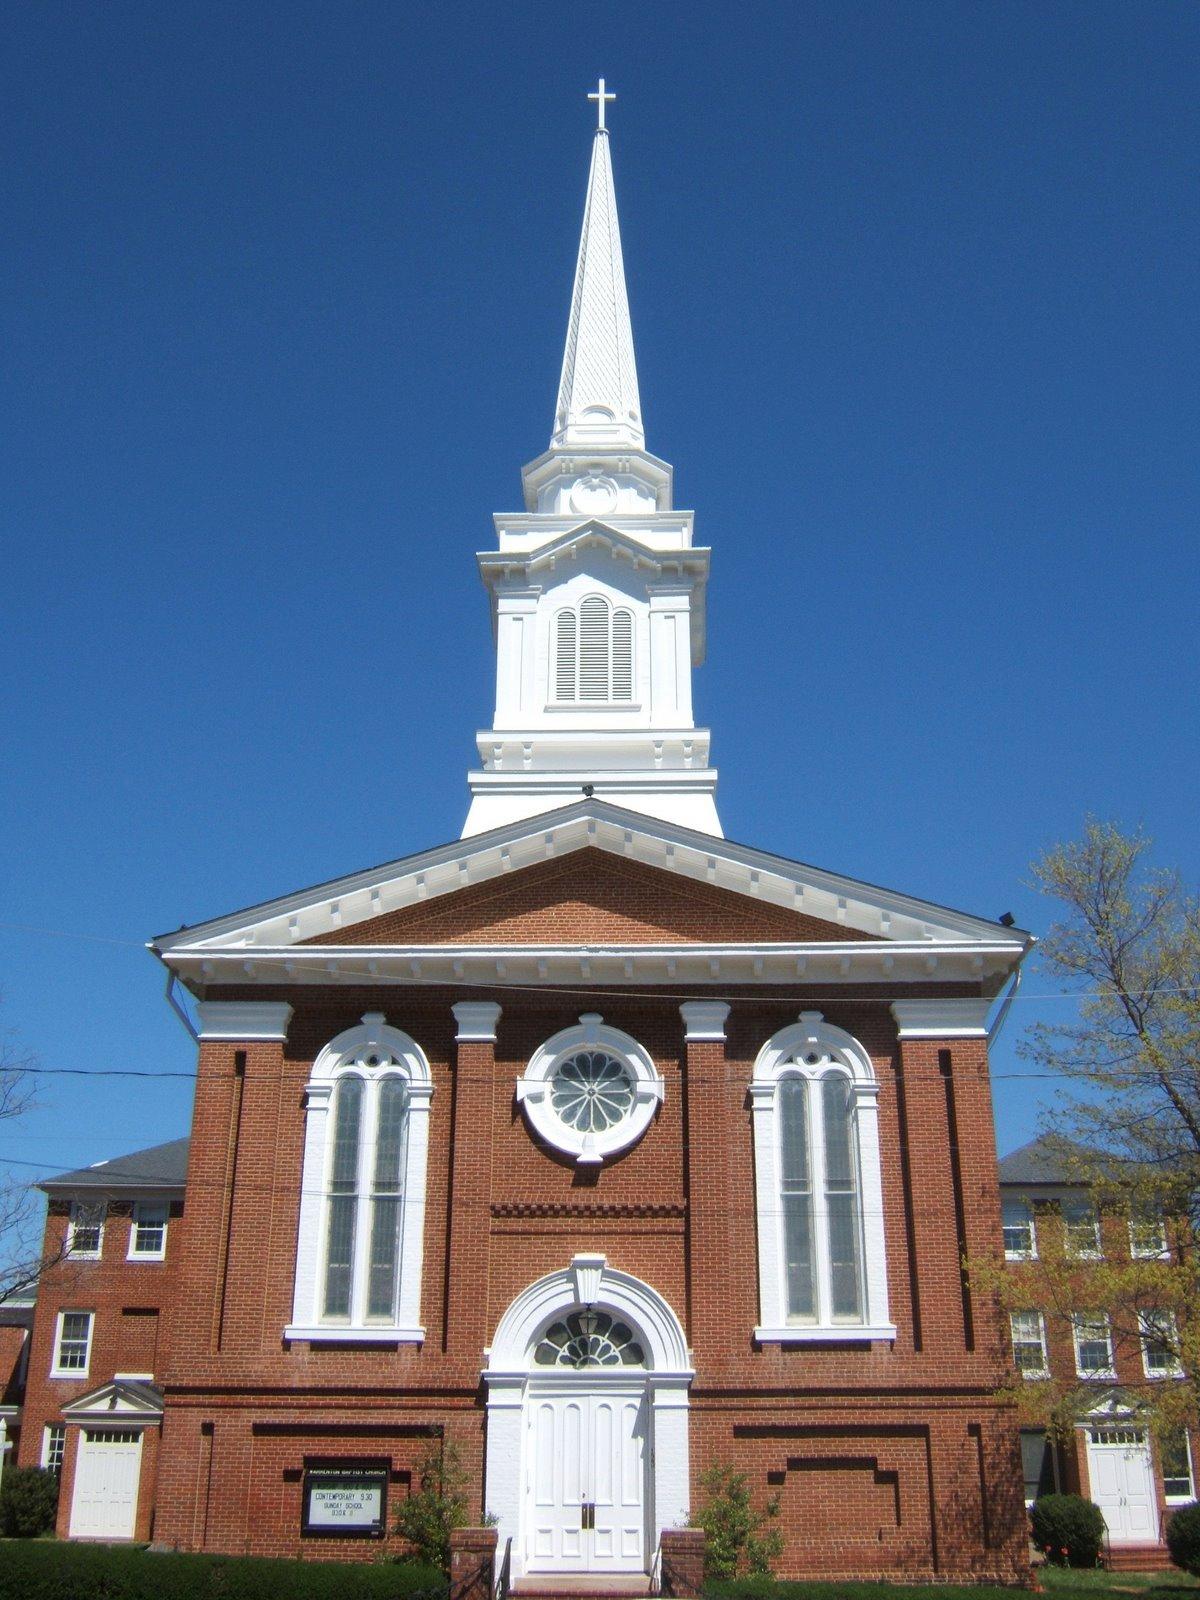 church-in-america